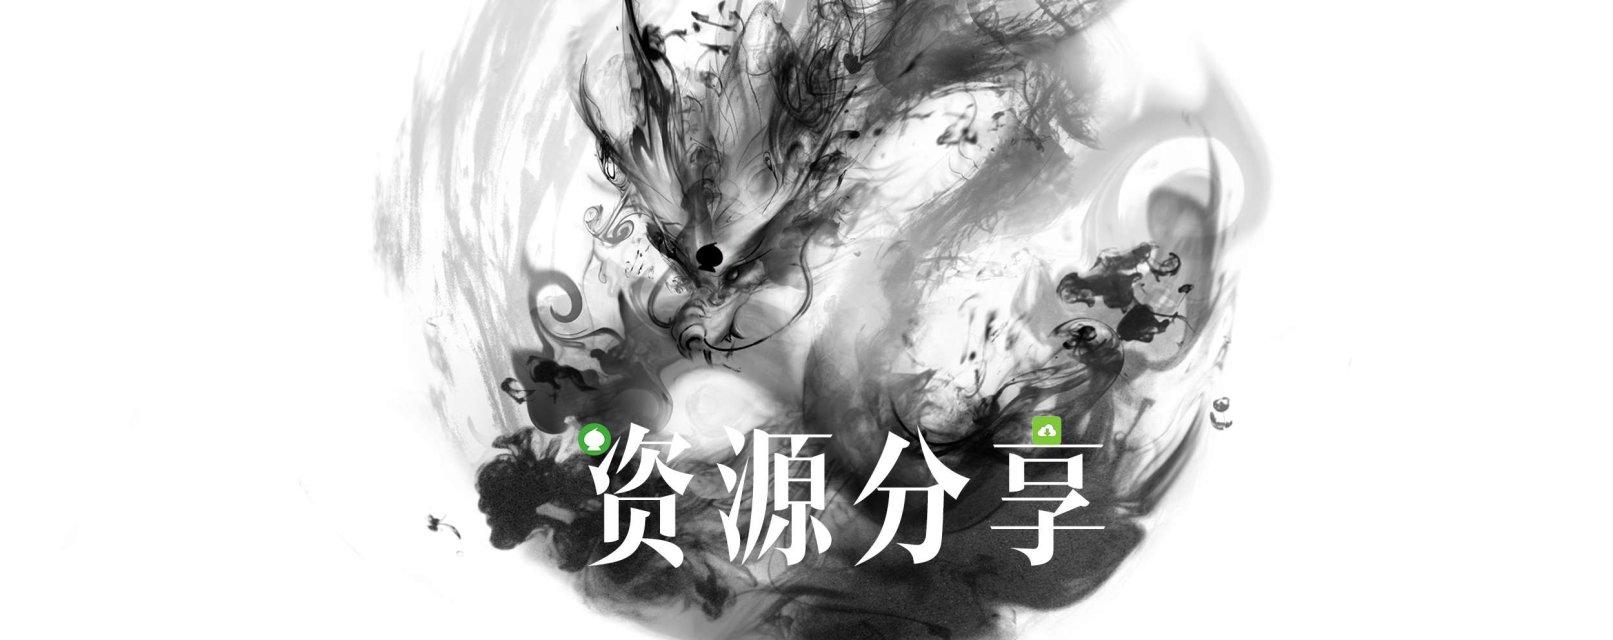 【资源分享】安卓脚本精灵-爱小助